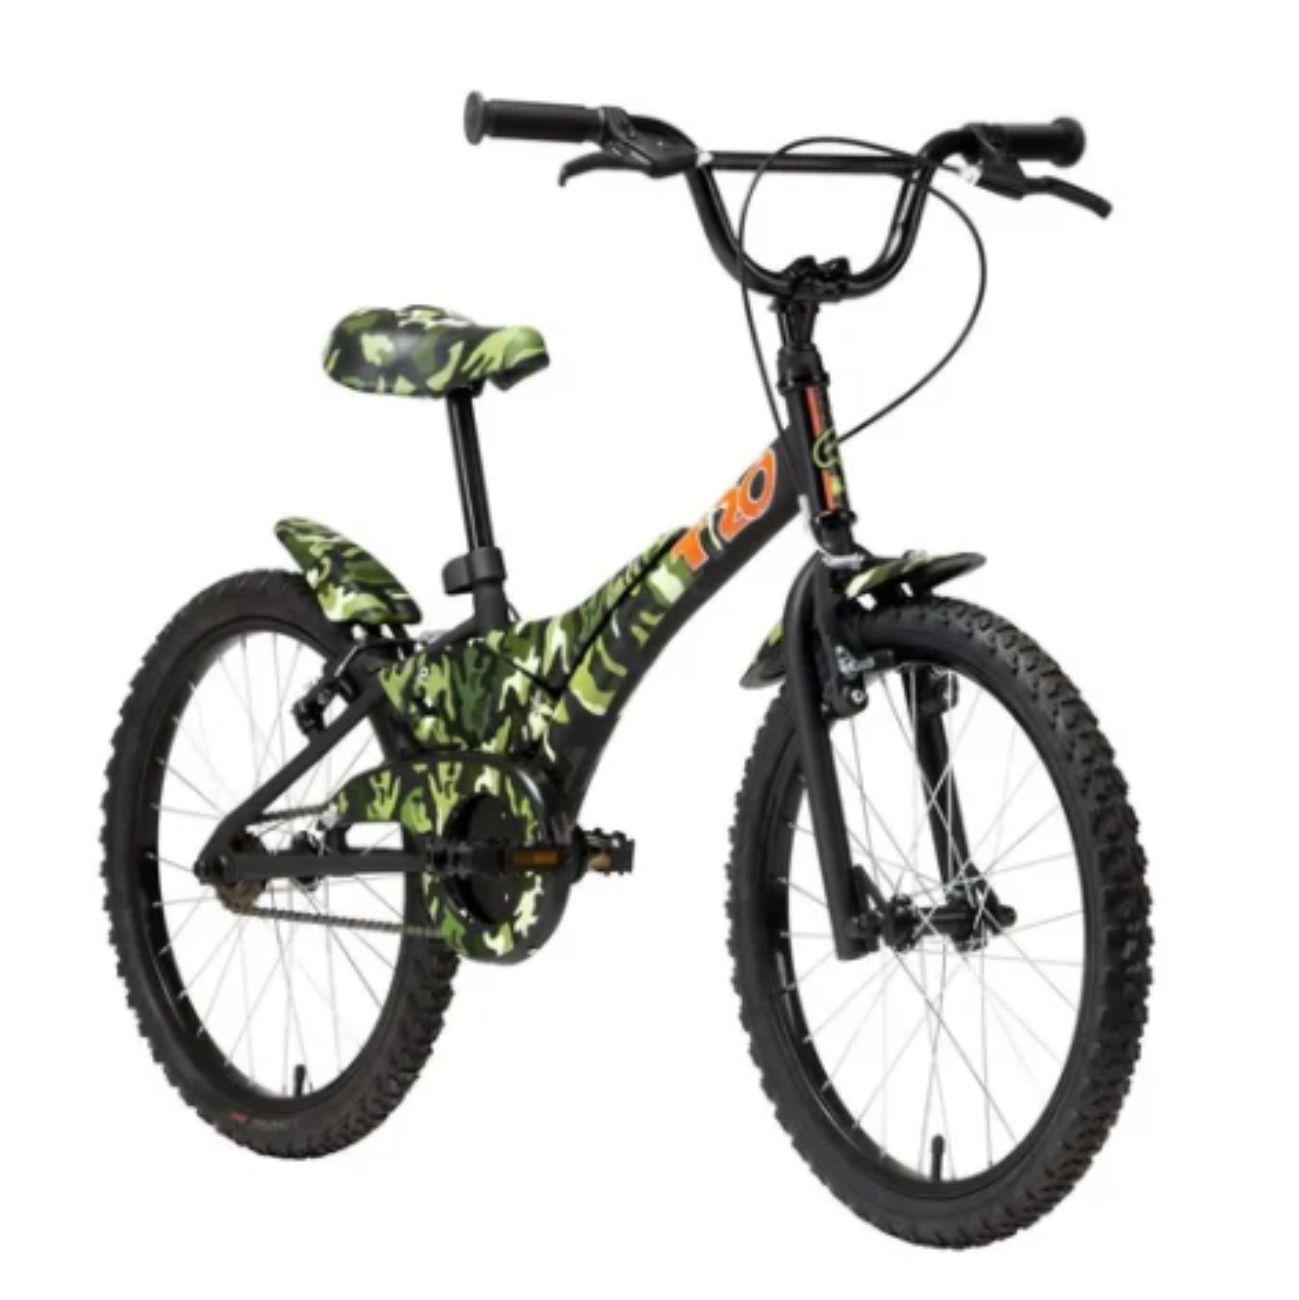 Bicicleta Infantil Aro 16 Groove T16 Camuflada